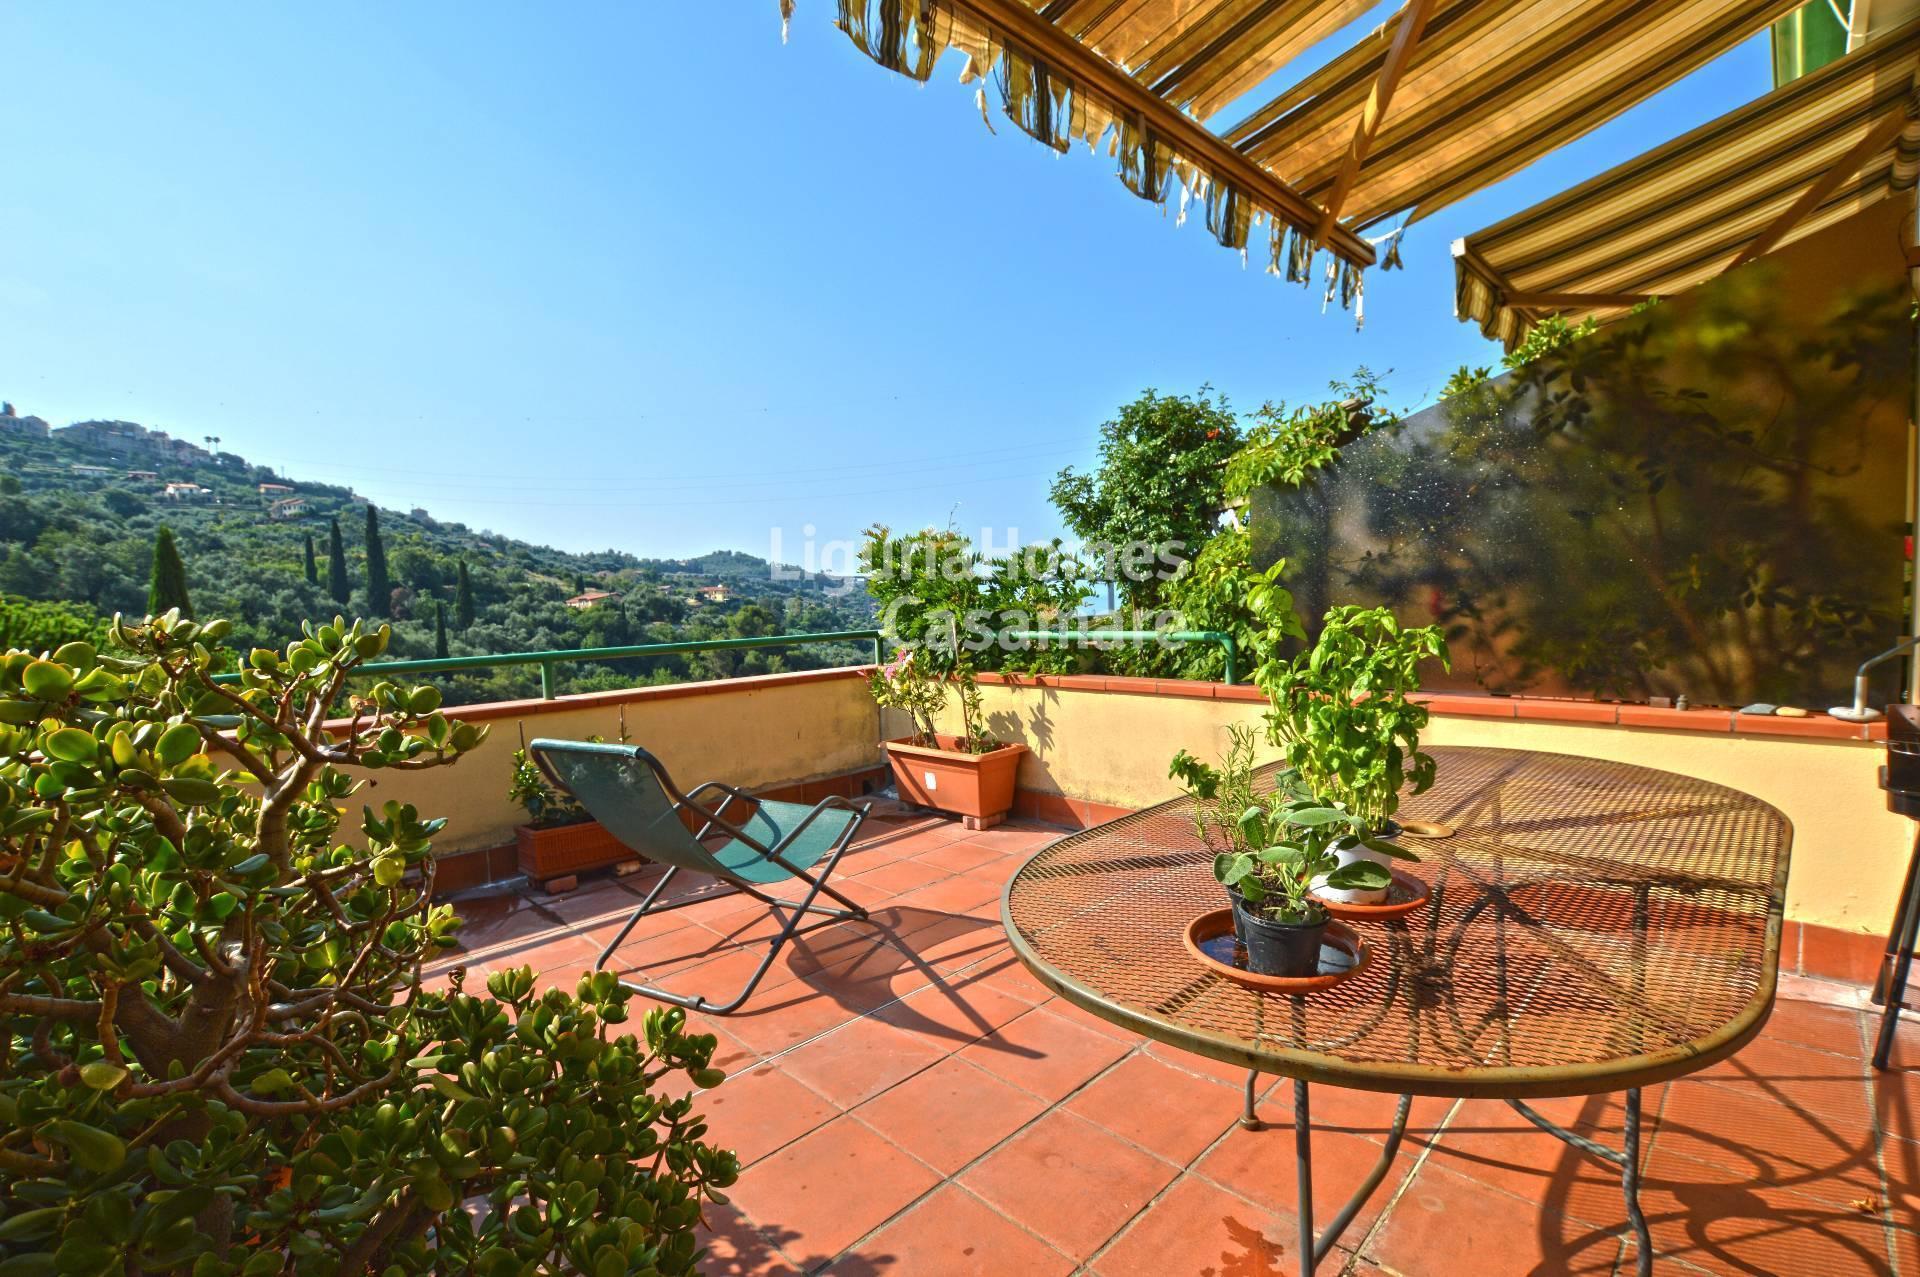 Appartamento in vendita a Vallebona, 5 locali, prezzo € 220.000 | CambioCasa.it